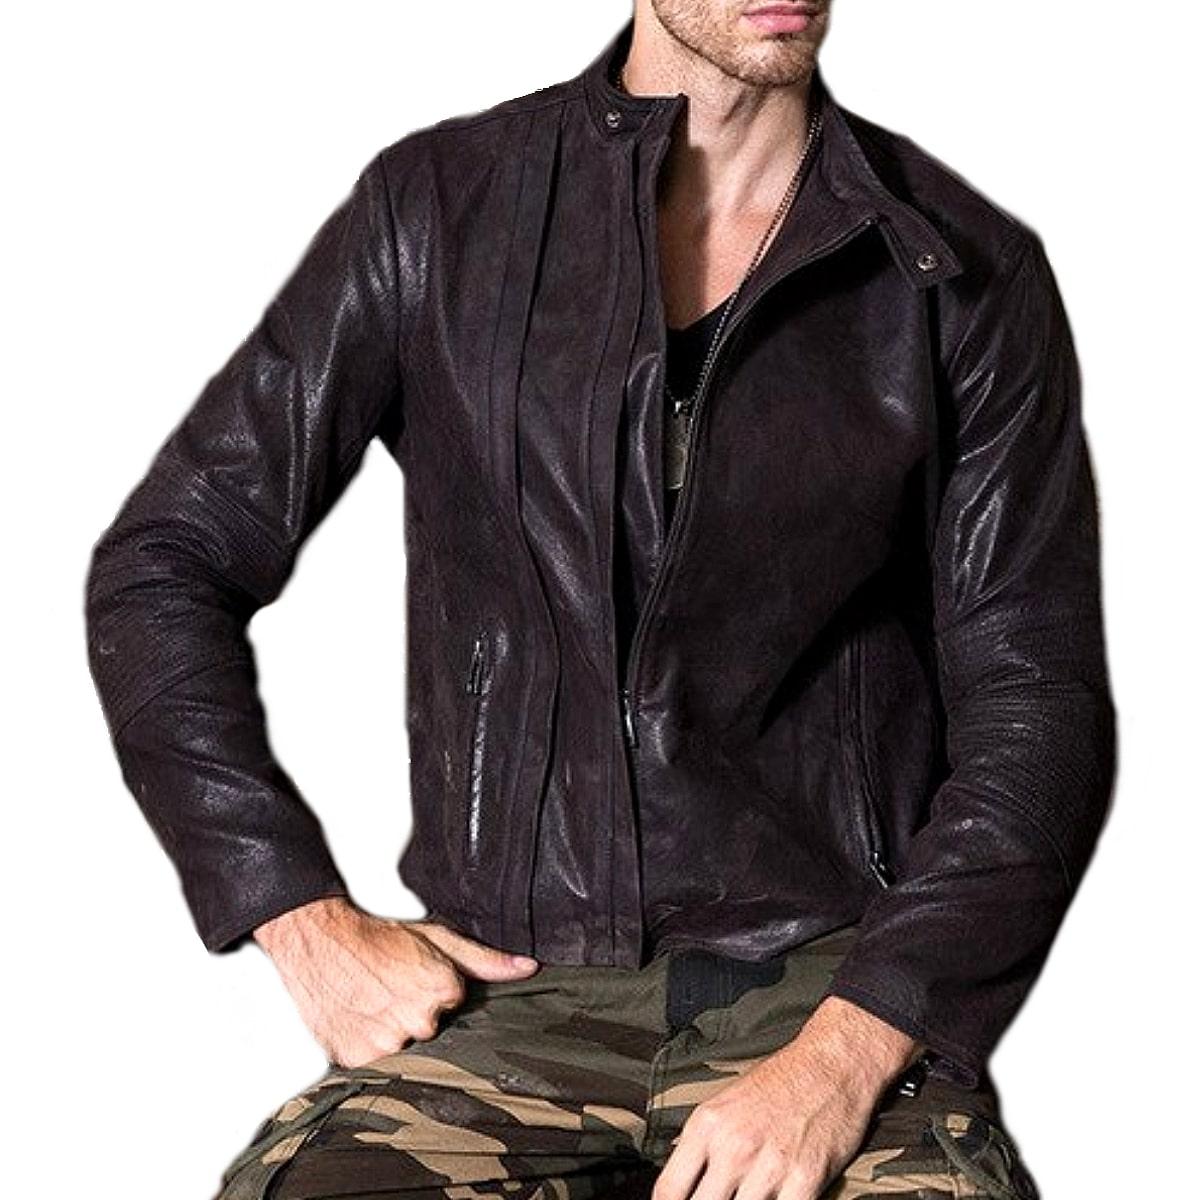 【送料無料!】全10サイズ! [Men's Black Pigskin Genuine Leather Riders Jacket] メンズ ブラック ピッグスキン ジェニュインレザー ライダースジャケット! 本革 豚革 革ジャン シングルライダース コート アウター バイクに!